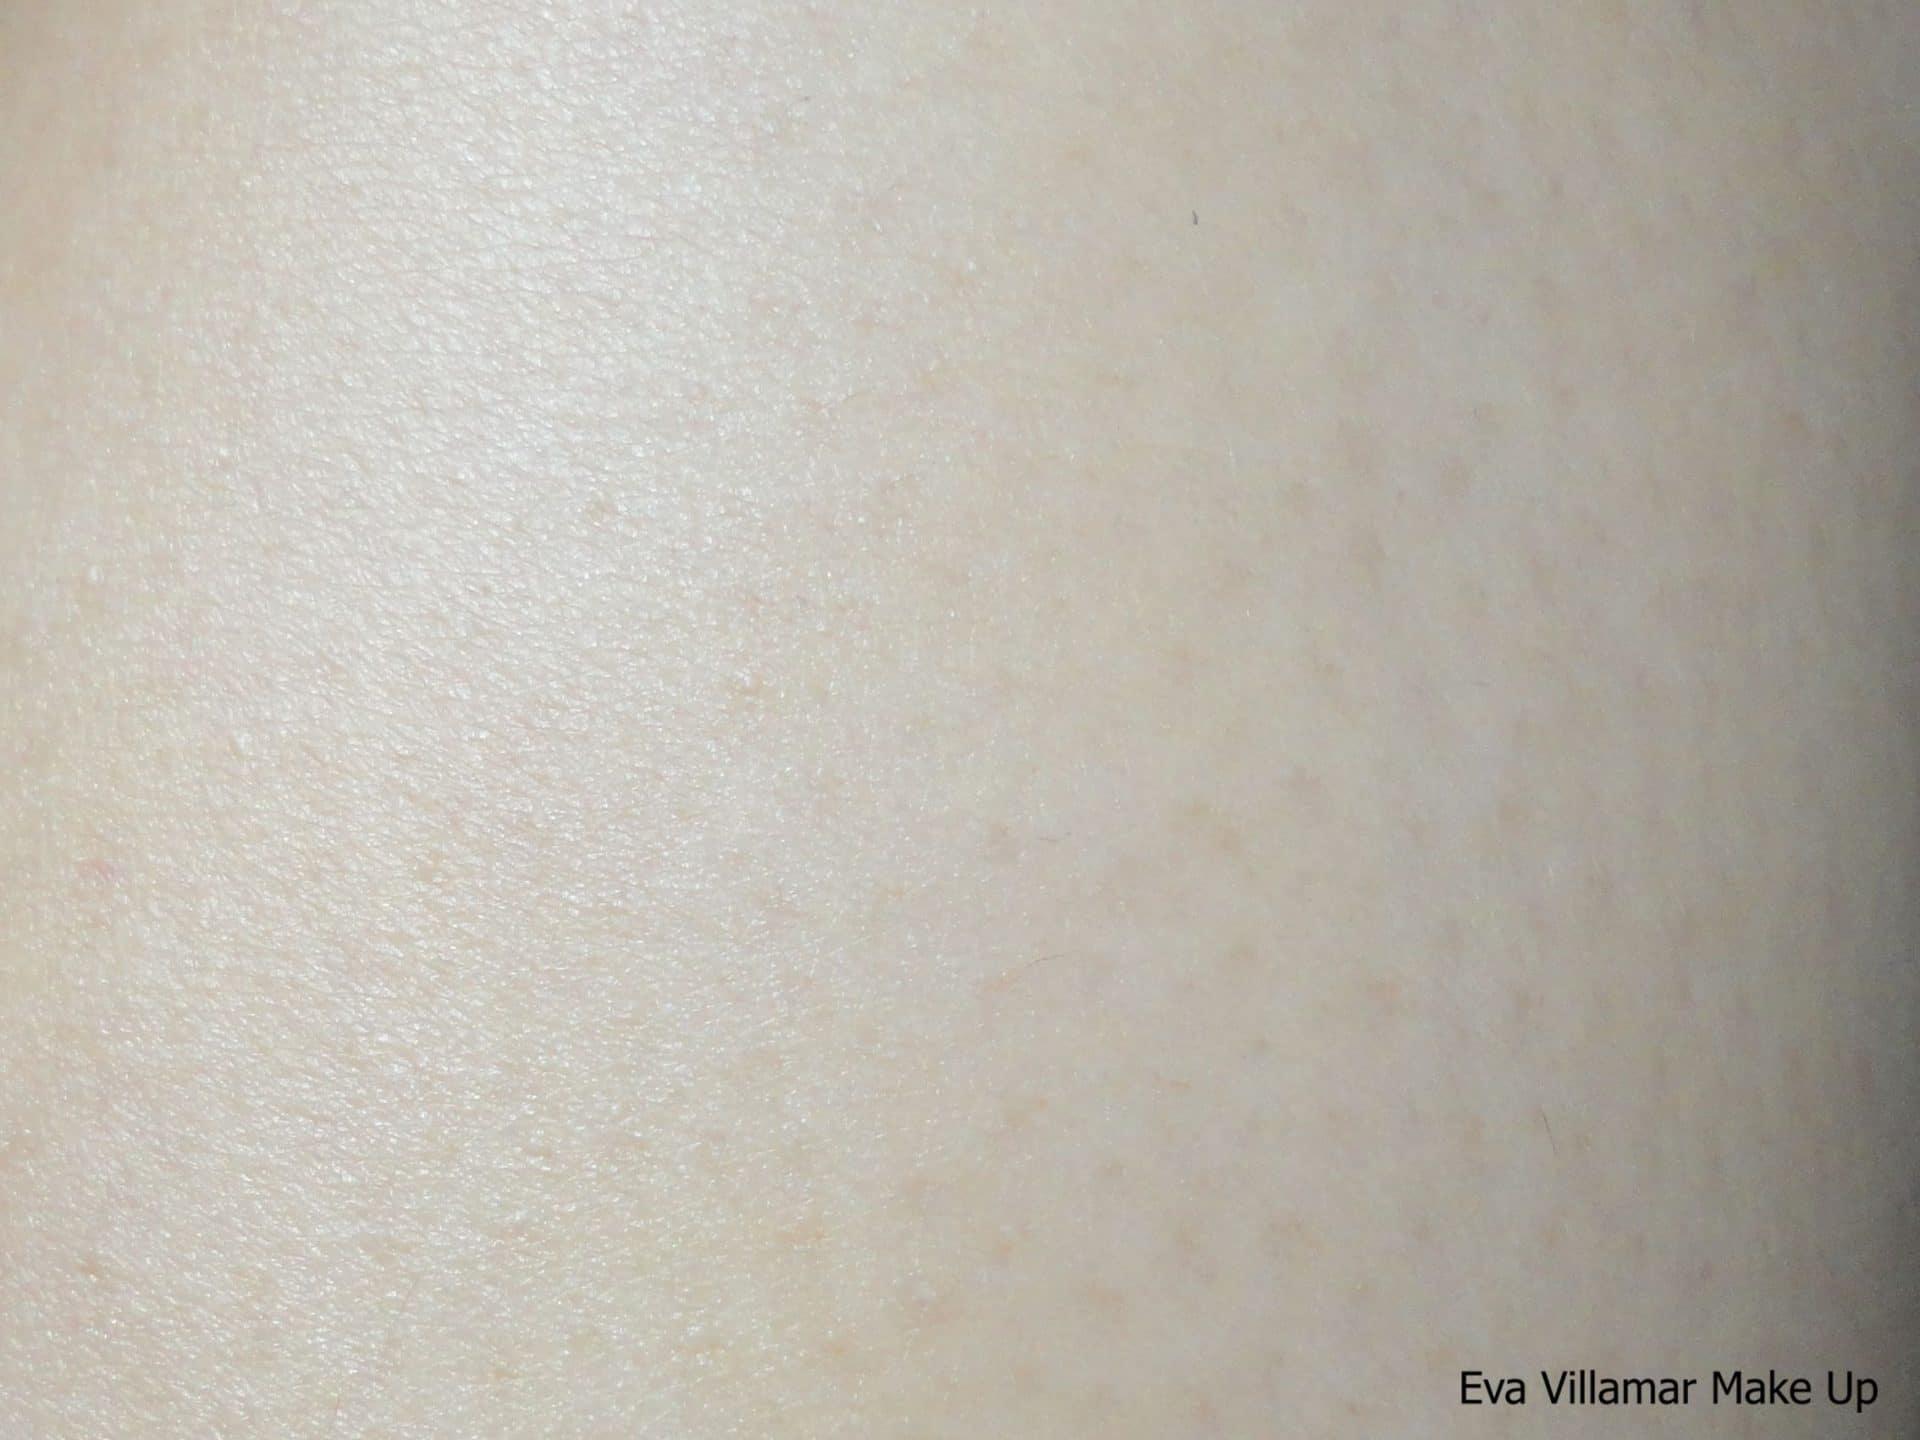 Como limpían los cosmetólogos a la persona de negro los puntos